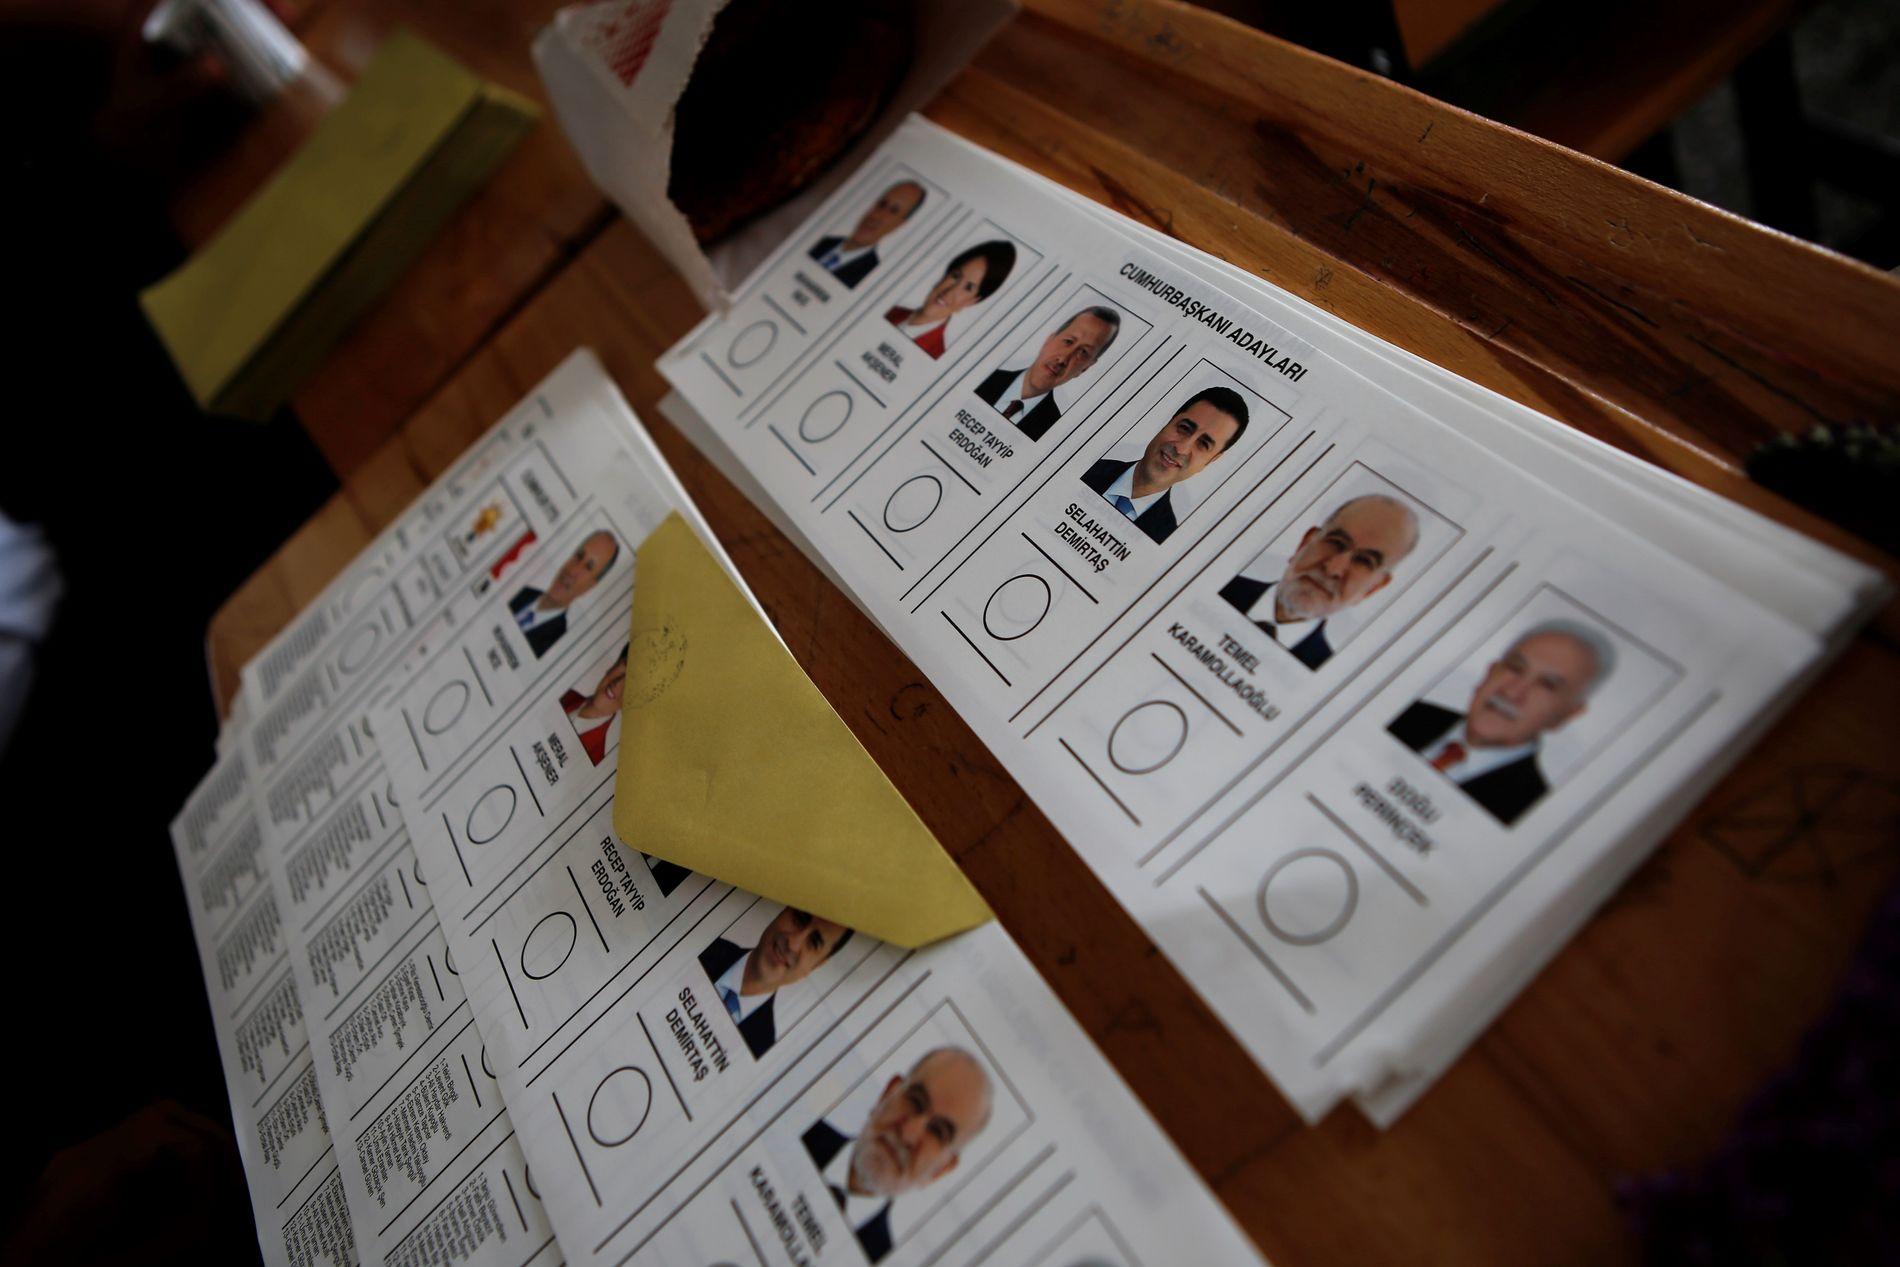 KANDIDATENE: Seks personer stiller som kandidater til presidentvalget. Tyrkia skal også velge nytt parlament.